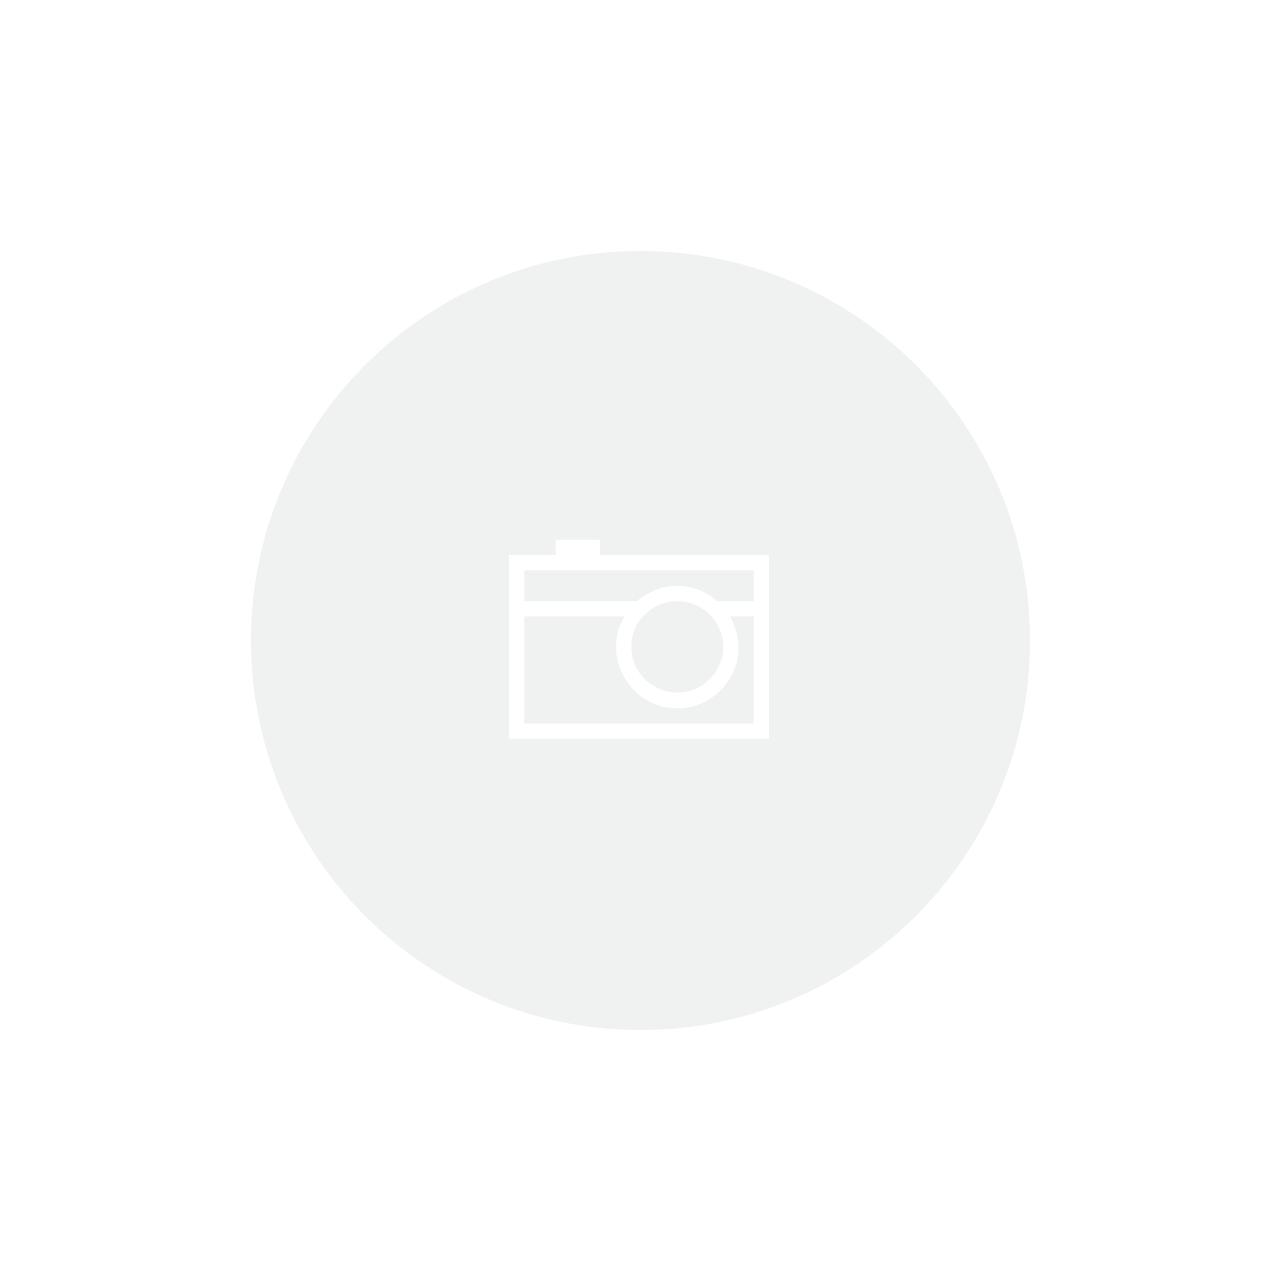 BICICLETA SPEED SOUL 3R4 CARBON 22V SHIMANO ULTEGRA (CUSTOM)